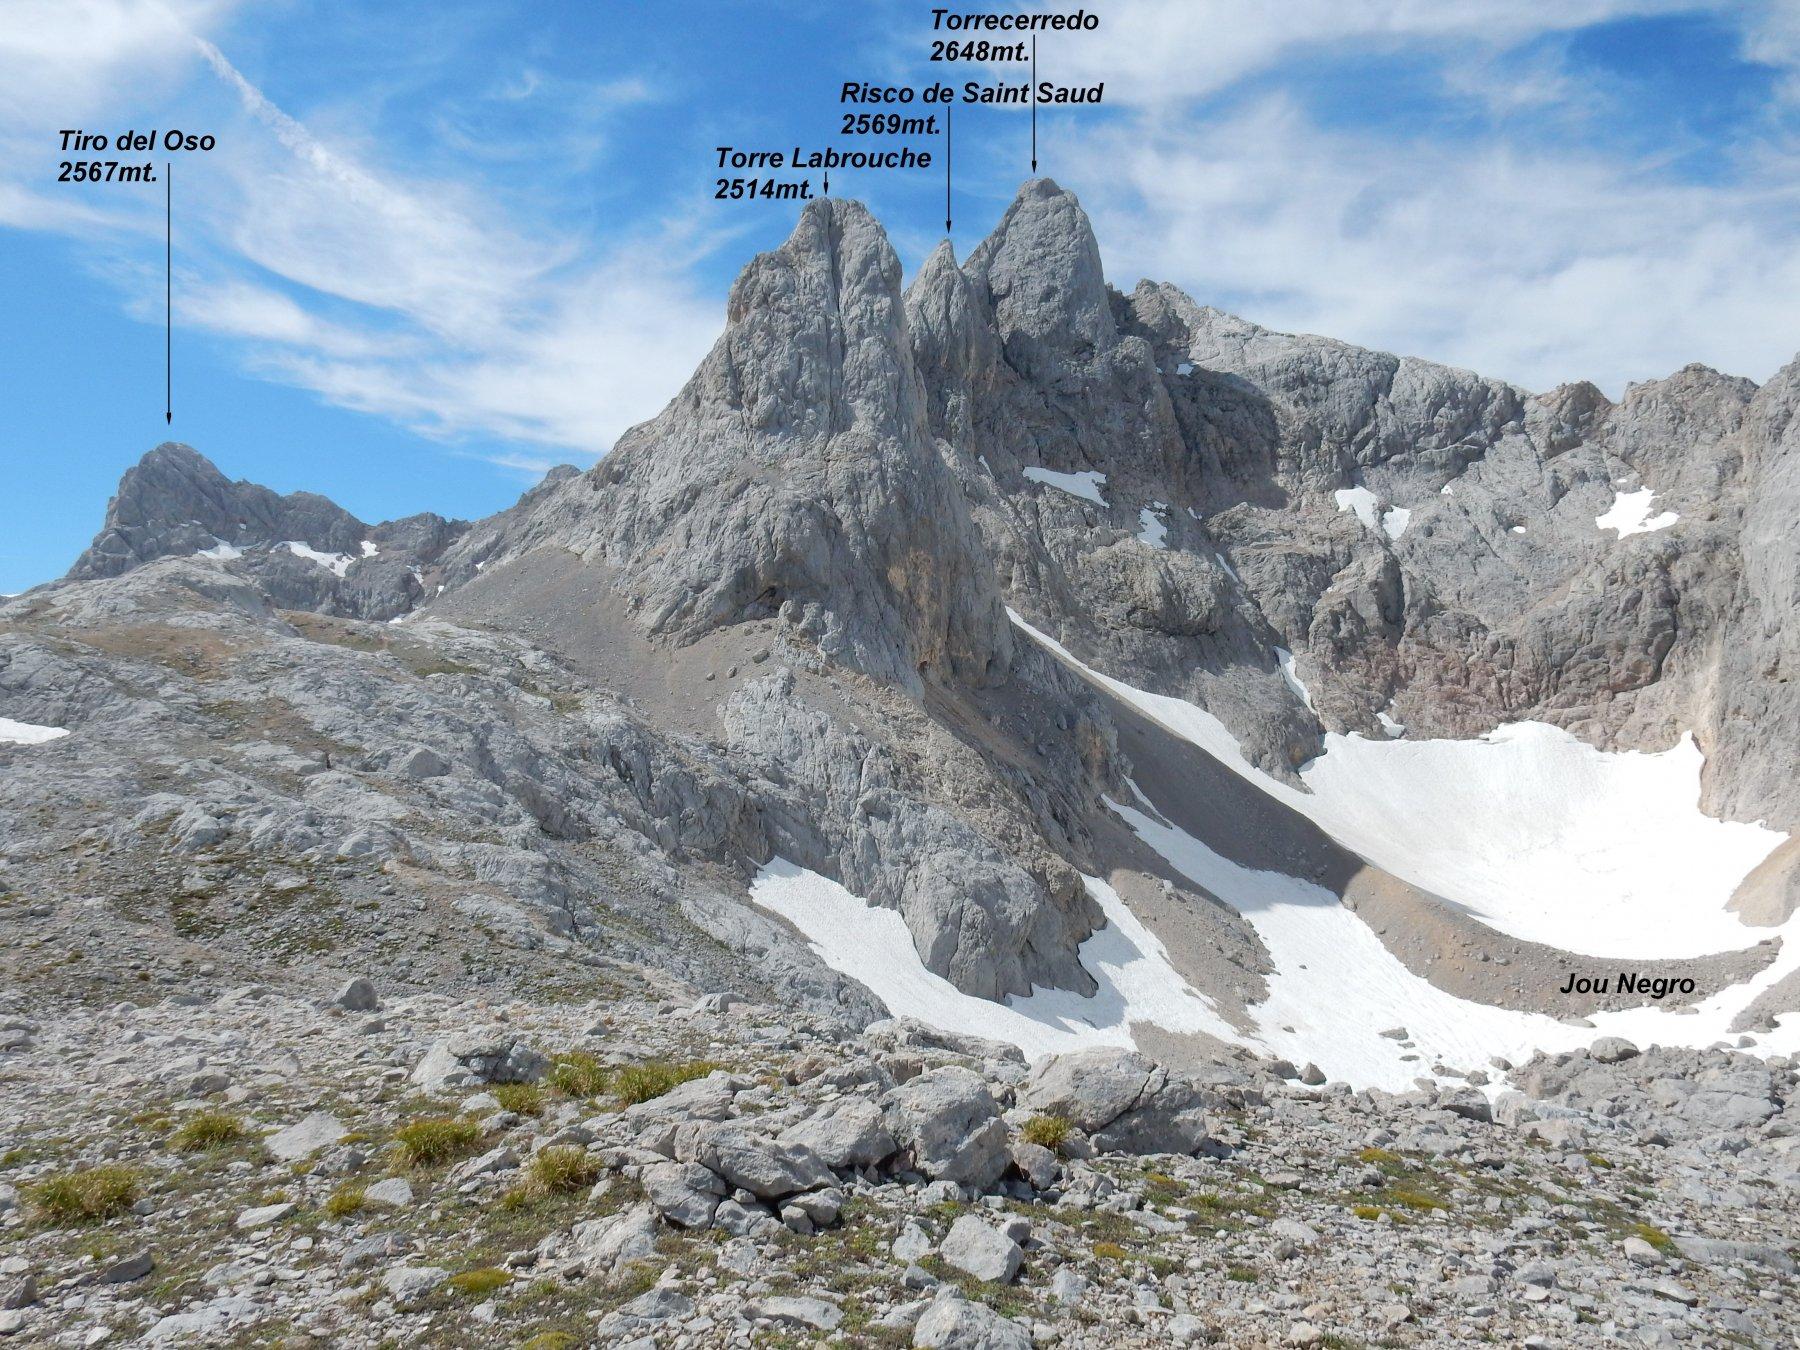 Passiamo nei pressi del Jou Negro,uno dei pochi nevai perenni dei Picos de Europa.